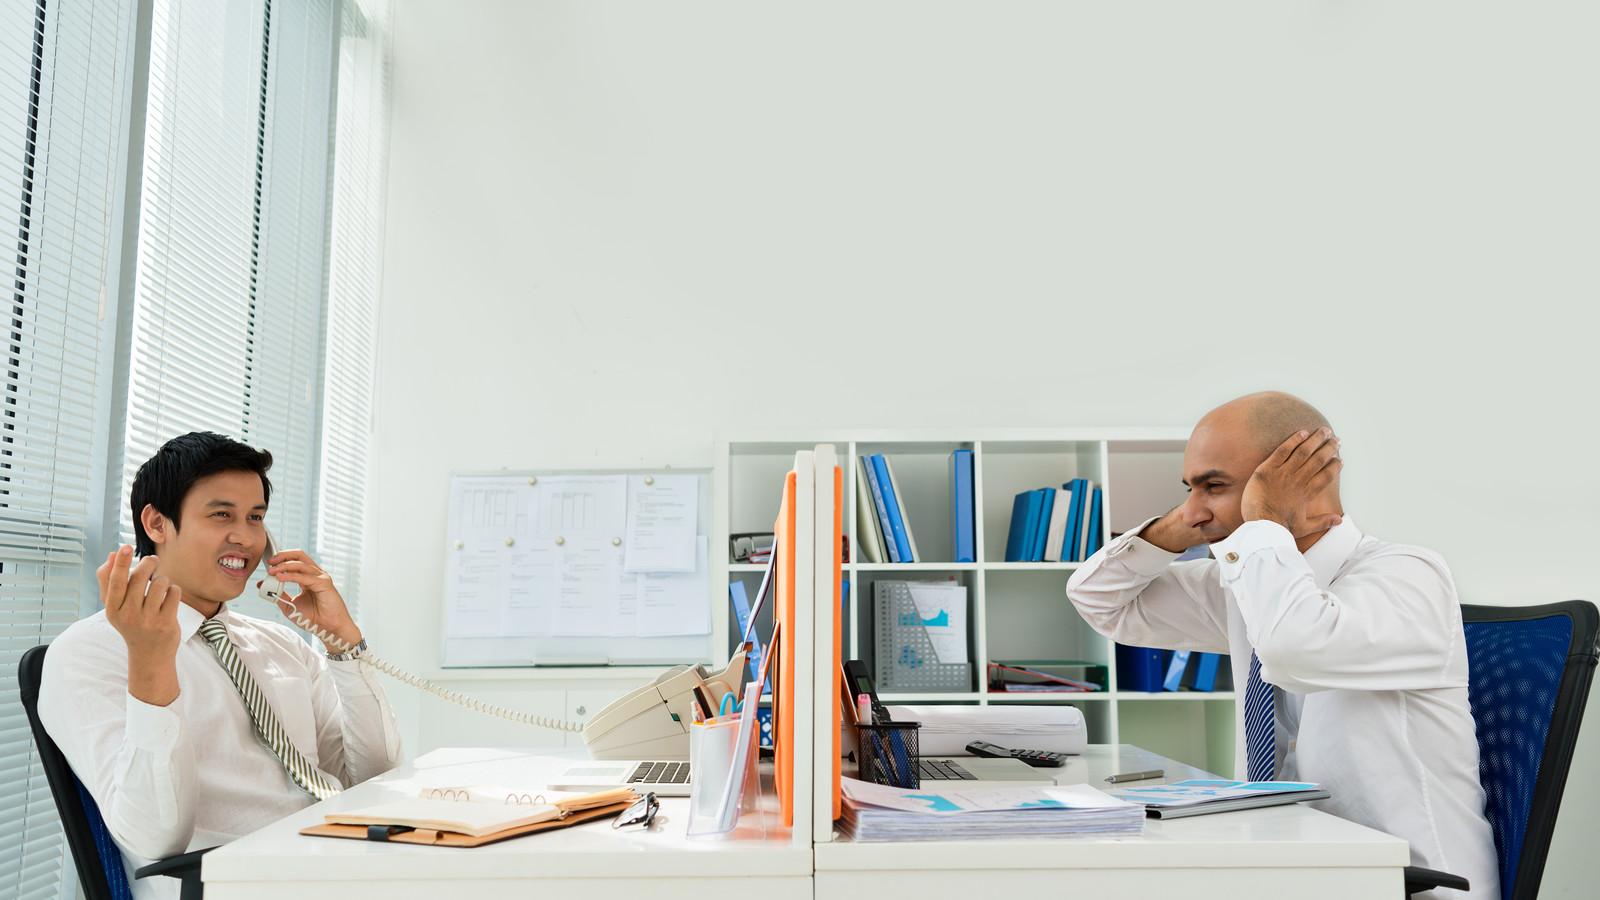 Pratende collega's, telefoongesprekken en rinkelende telefoons blijken voor veel afleiding te zorgen. Foto ter illustratie.